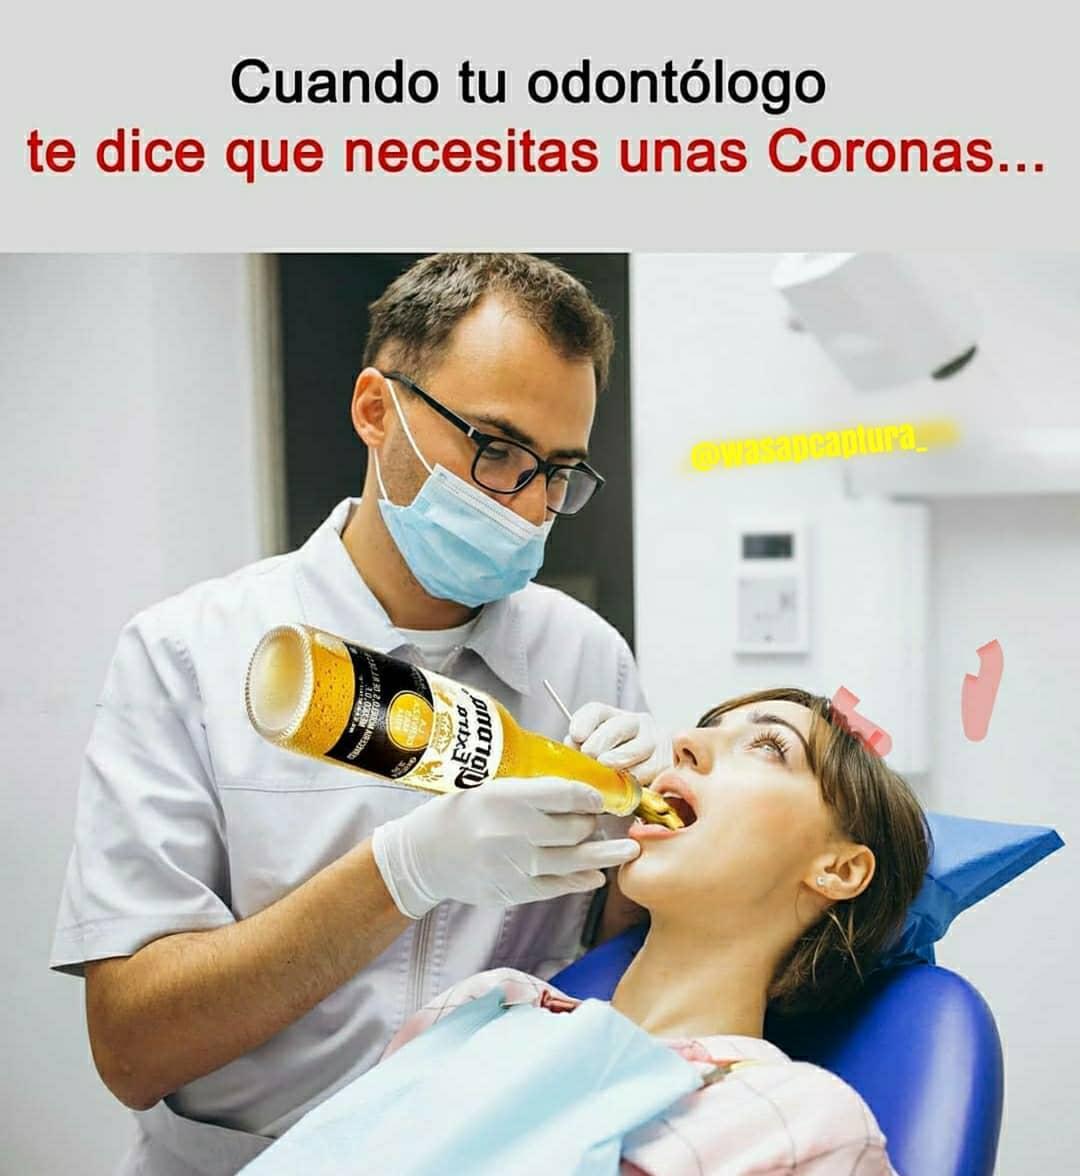 Cuando tu odontólogo te dice que necesitas unas Coronas...